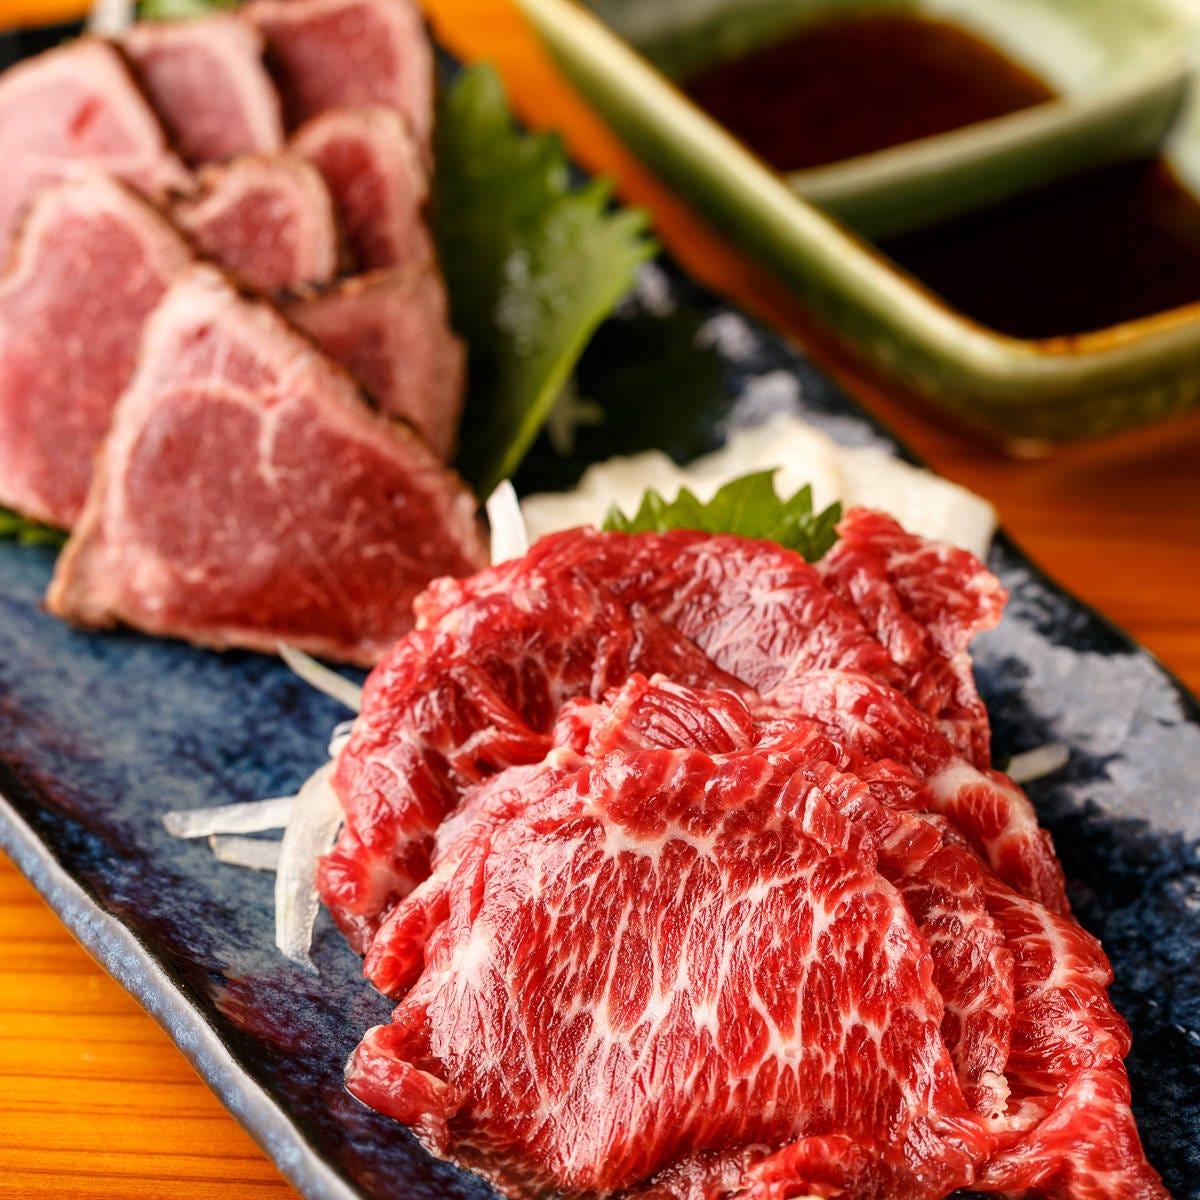 熊本県上益城直送の馬肉は絶品!三種の馬肉を豪快に!